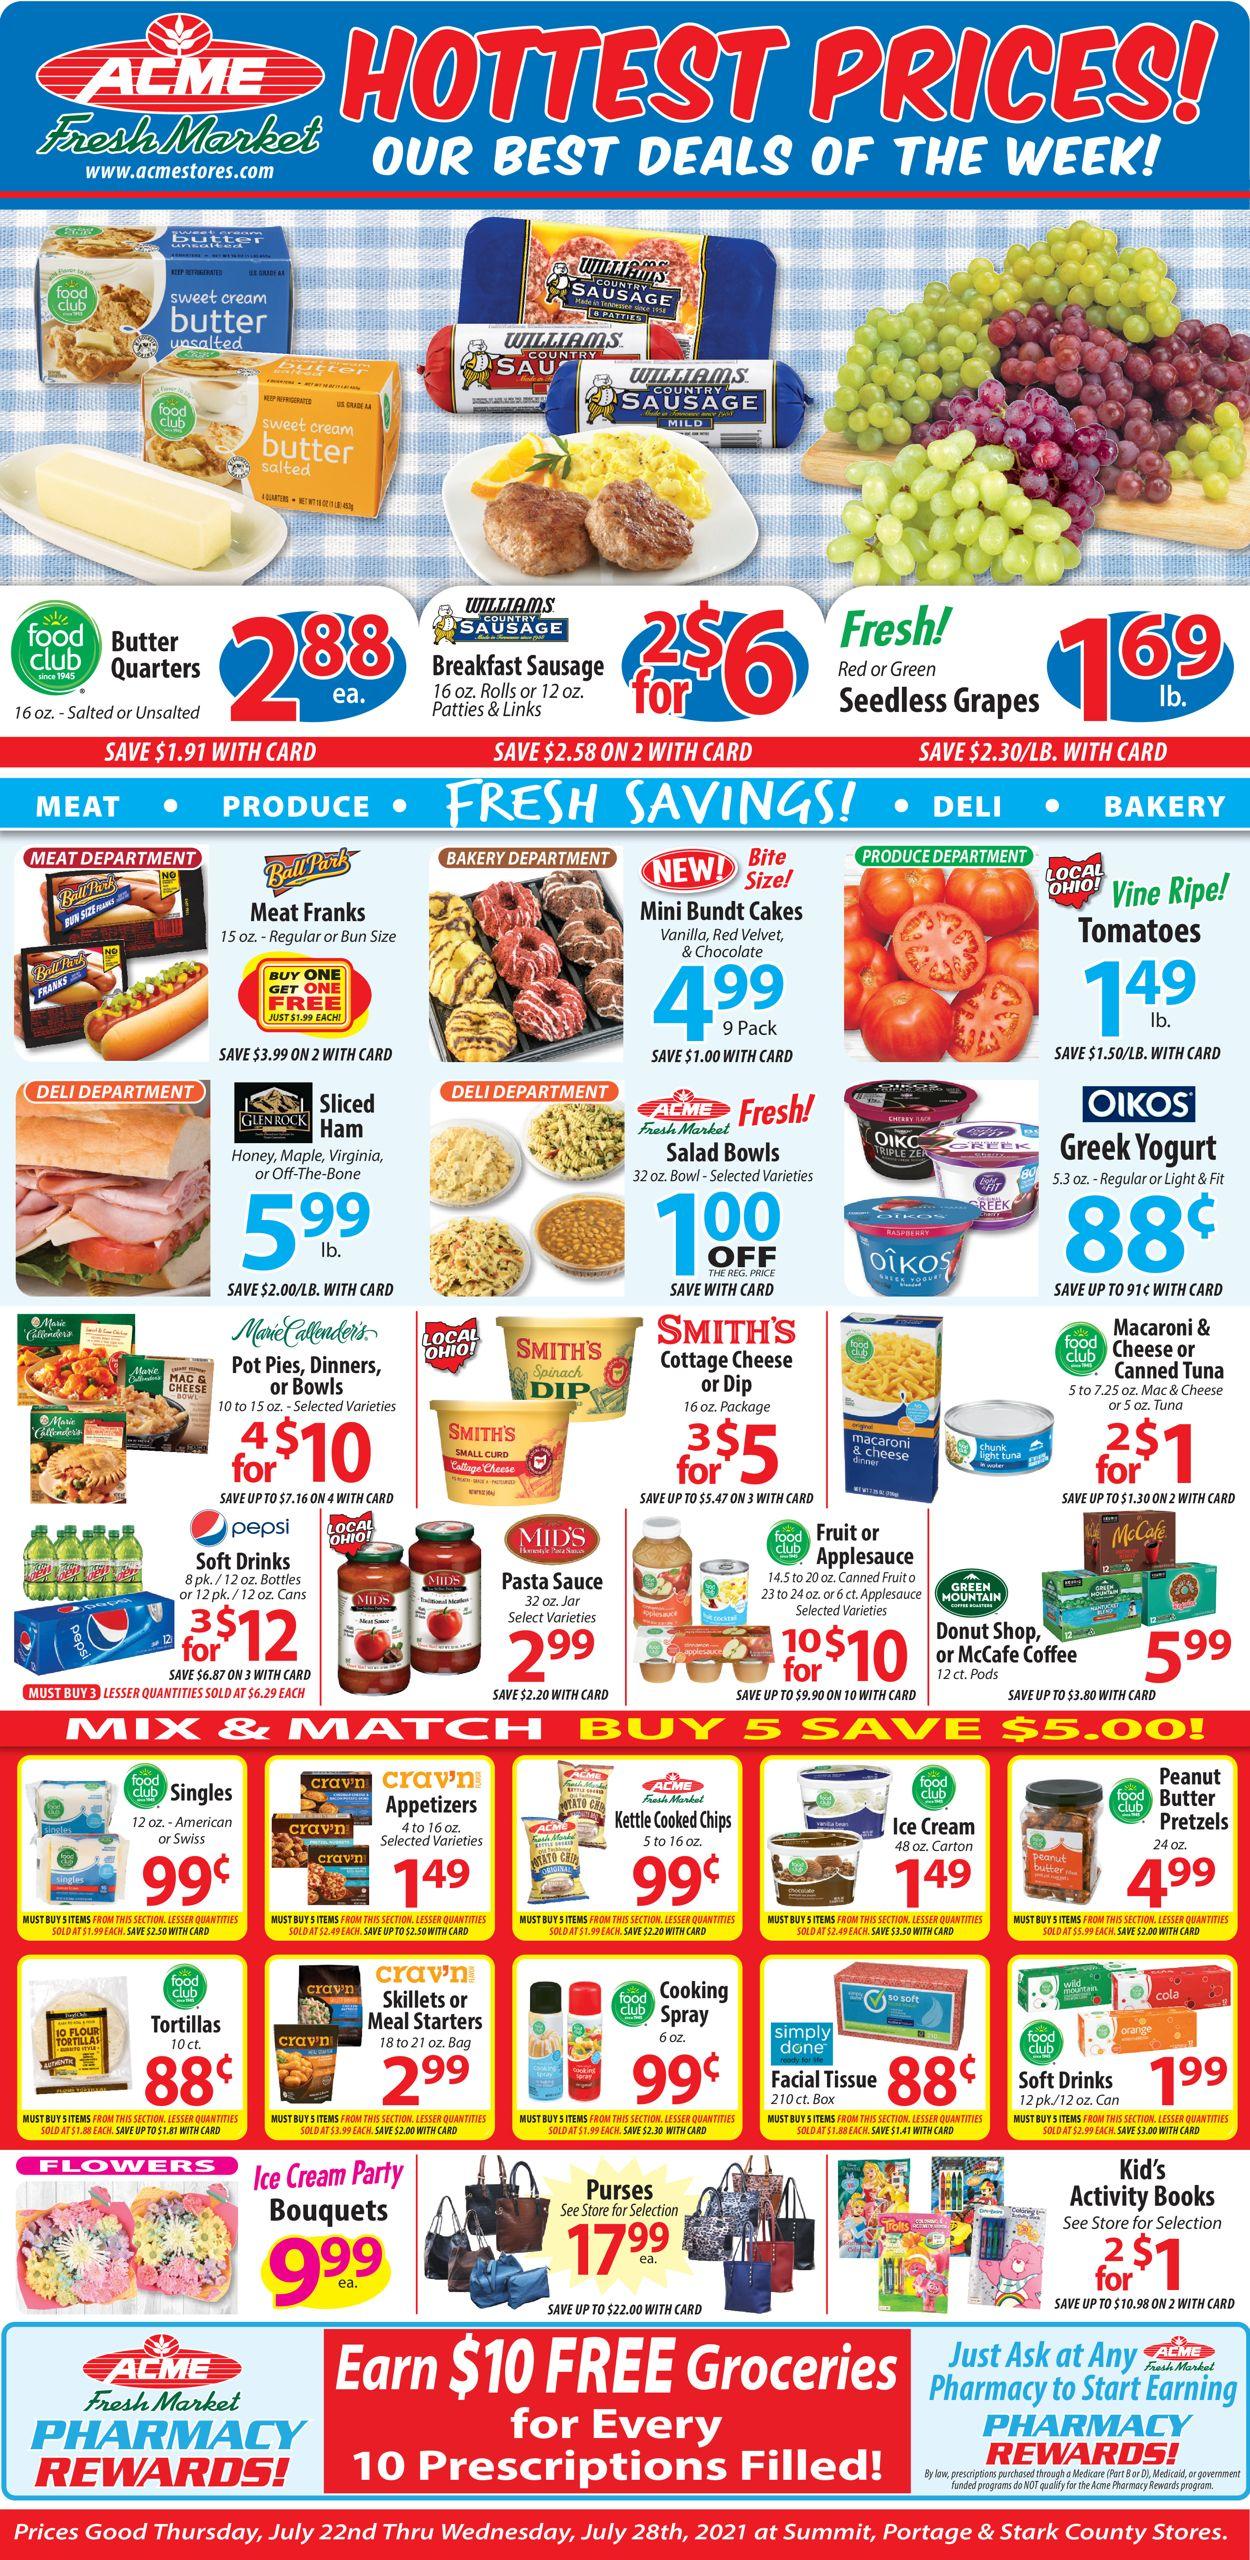 Acme Fresh Market Weekly Ad Circular - valid 07/22-07/28/2021 (Page 2)